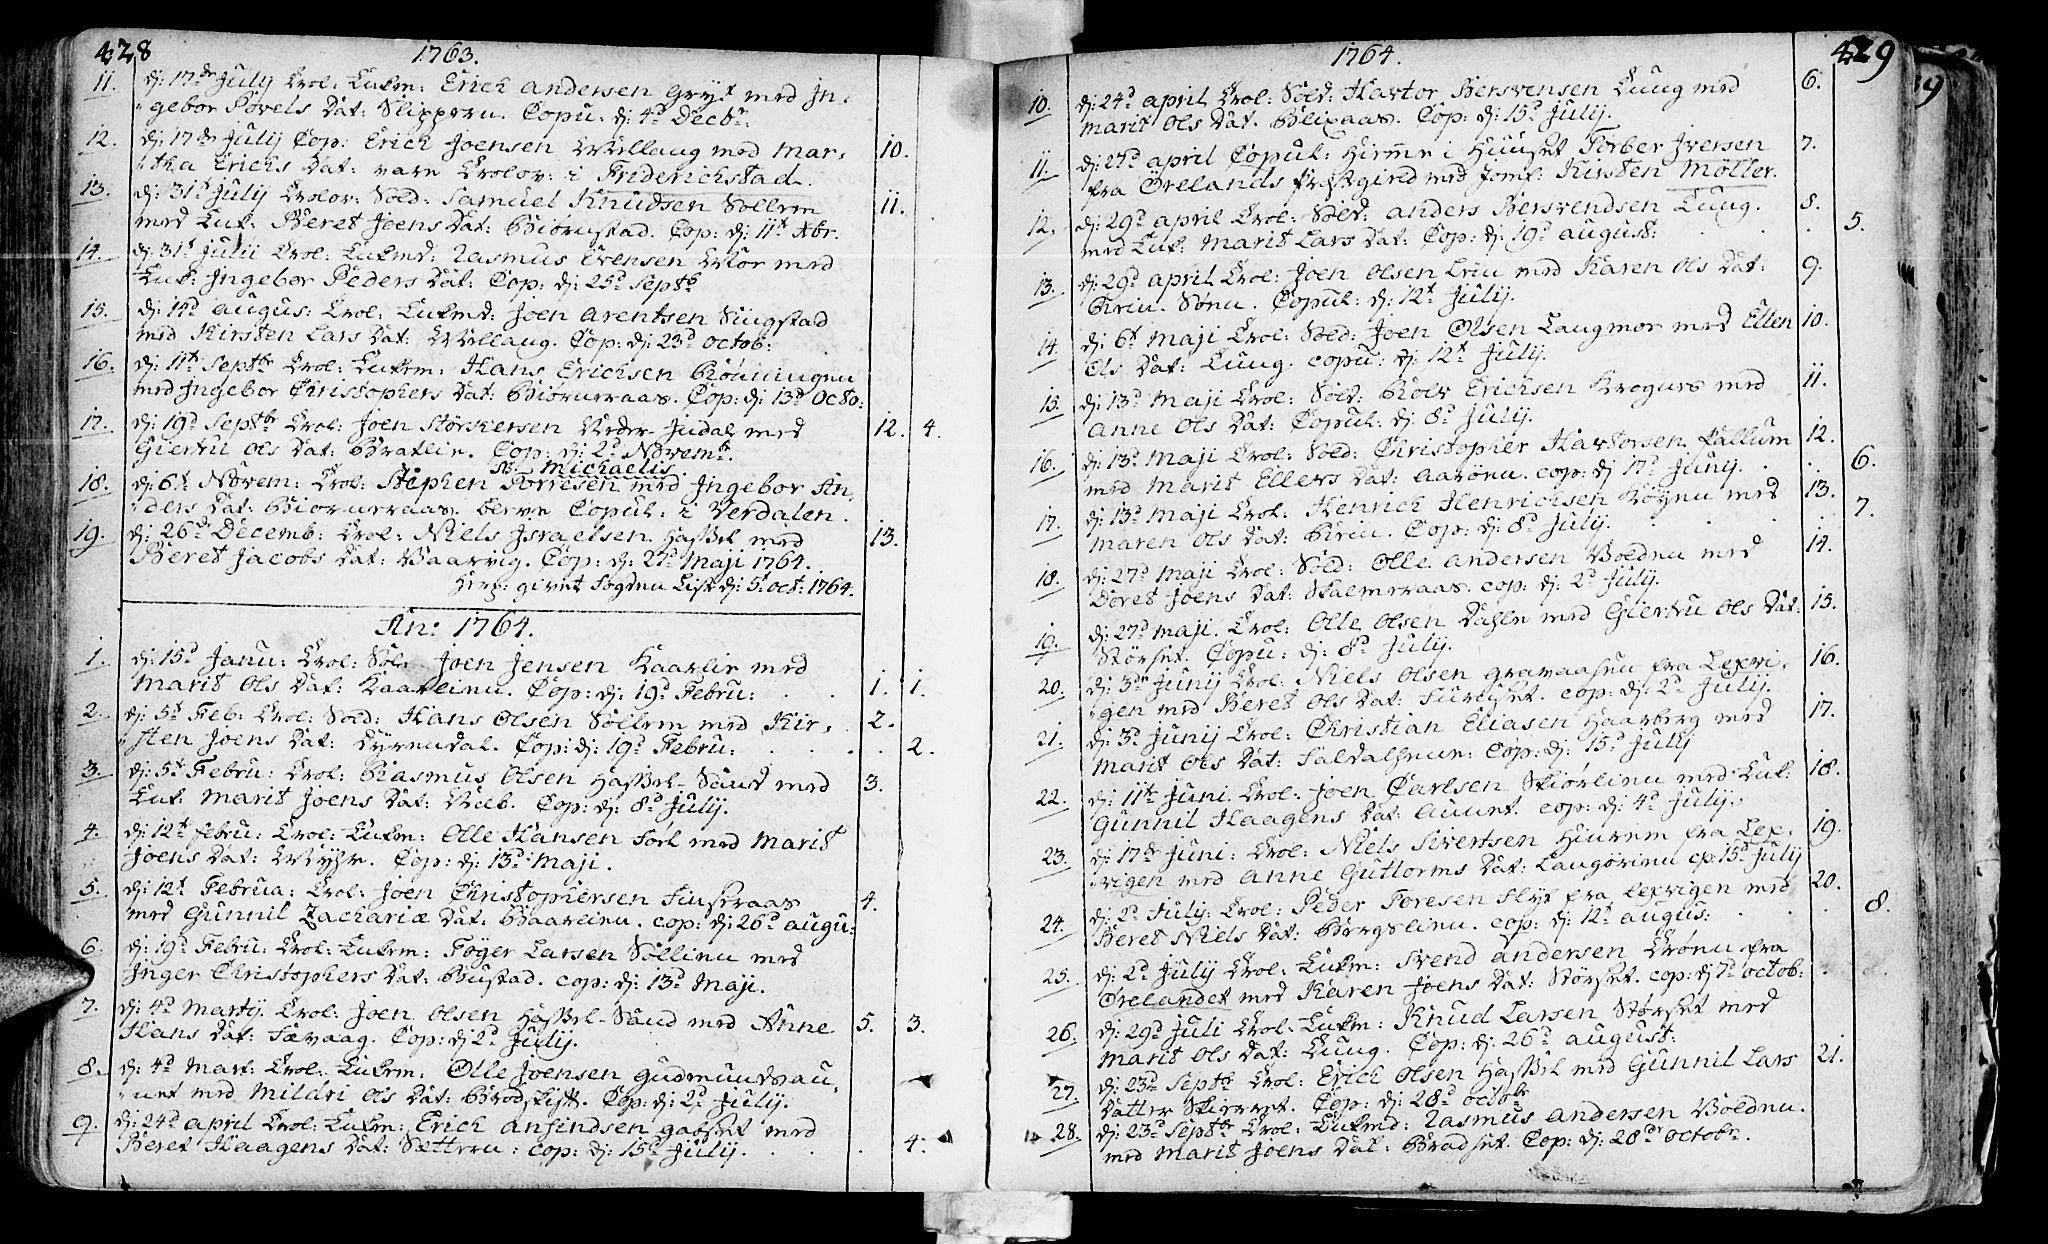 SAT, Ministerialprotokoller, klokkerbøker og fødselsregistre - Sør-Trøndelag, 646/L0605: Ministerialbok nr. 646A03, 1751-1790, s. 428-429